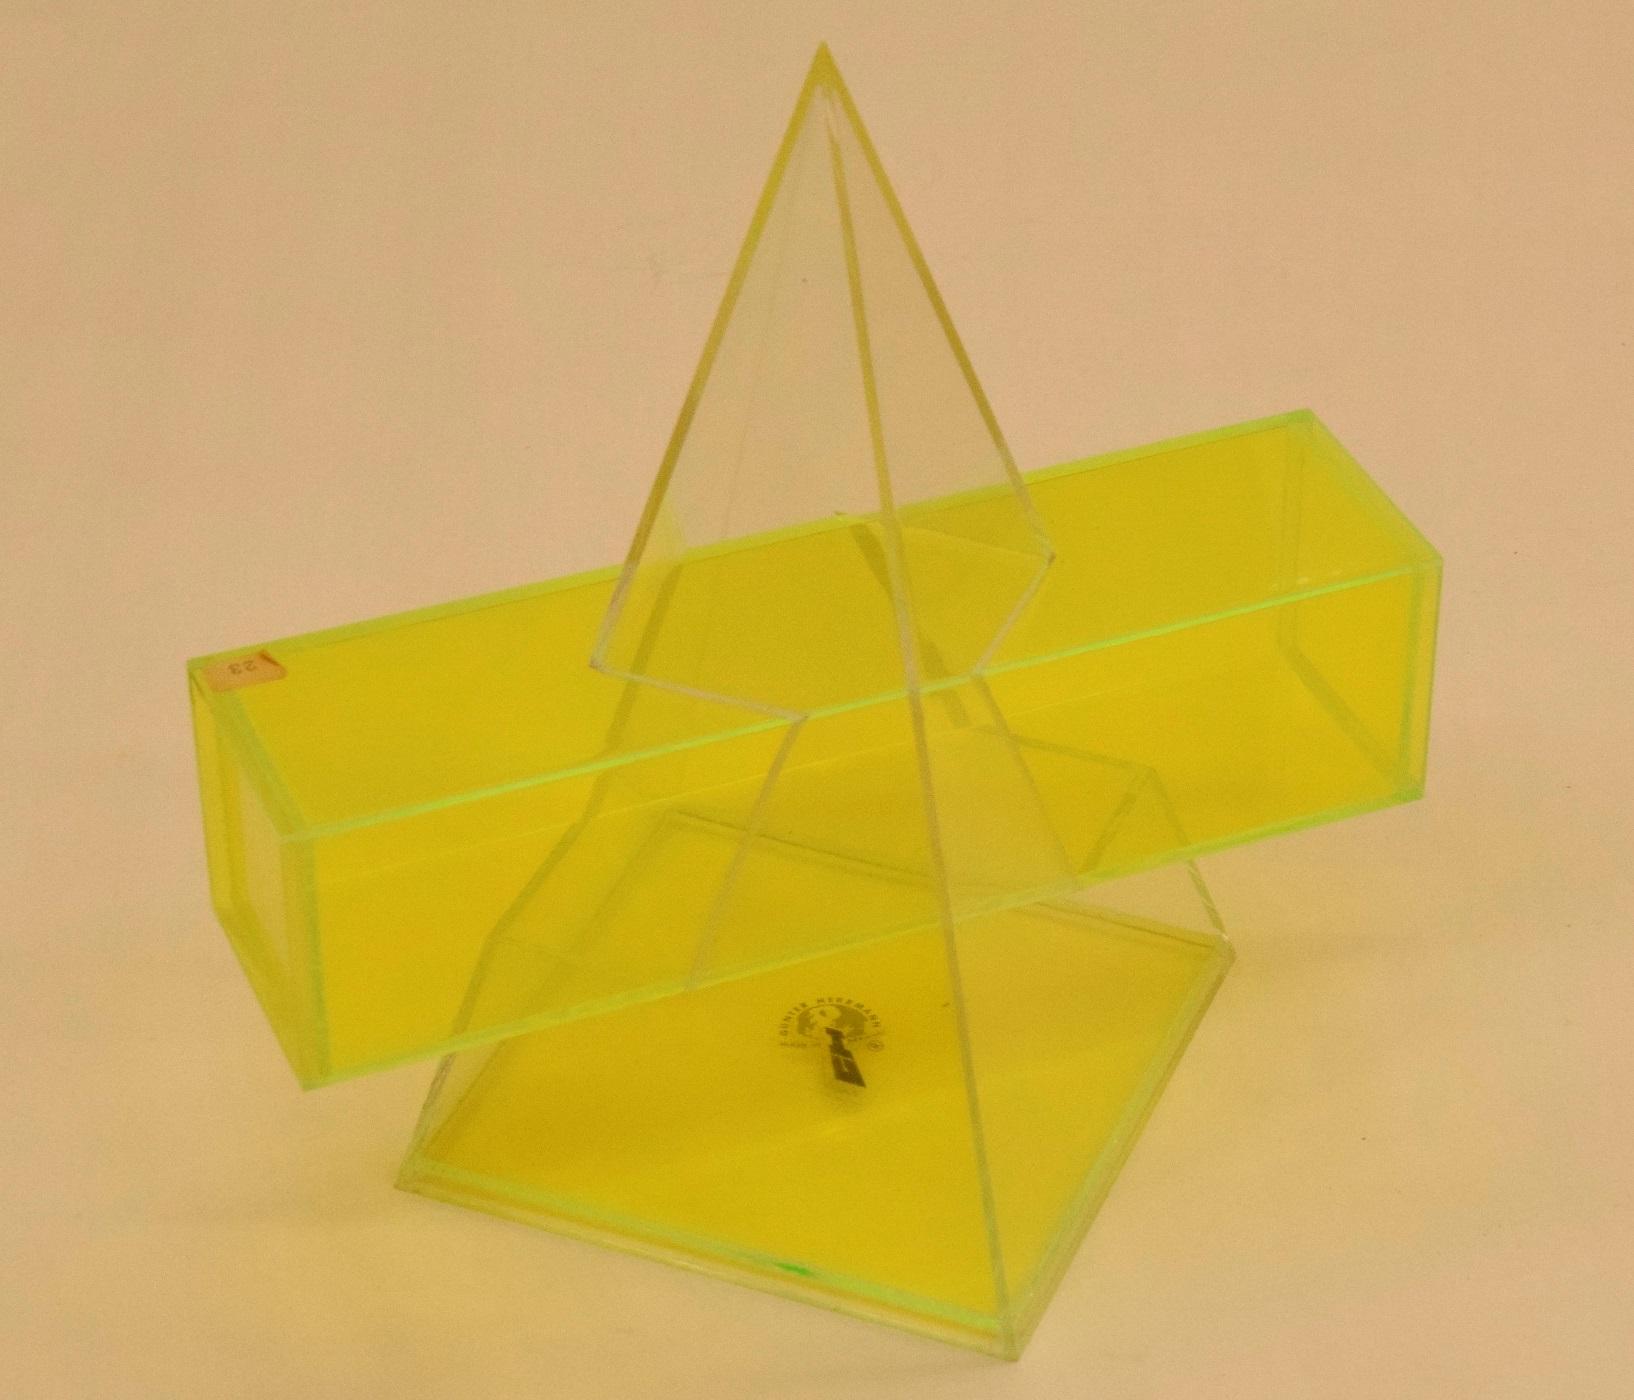 Intersezione tra piramide e prisma